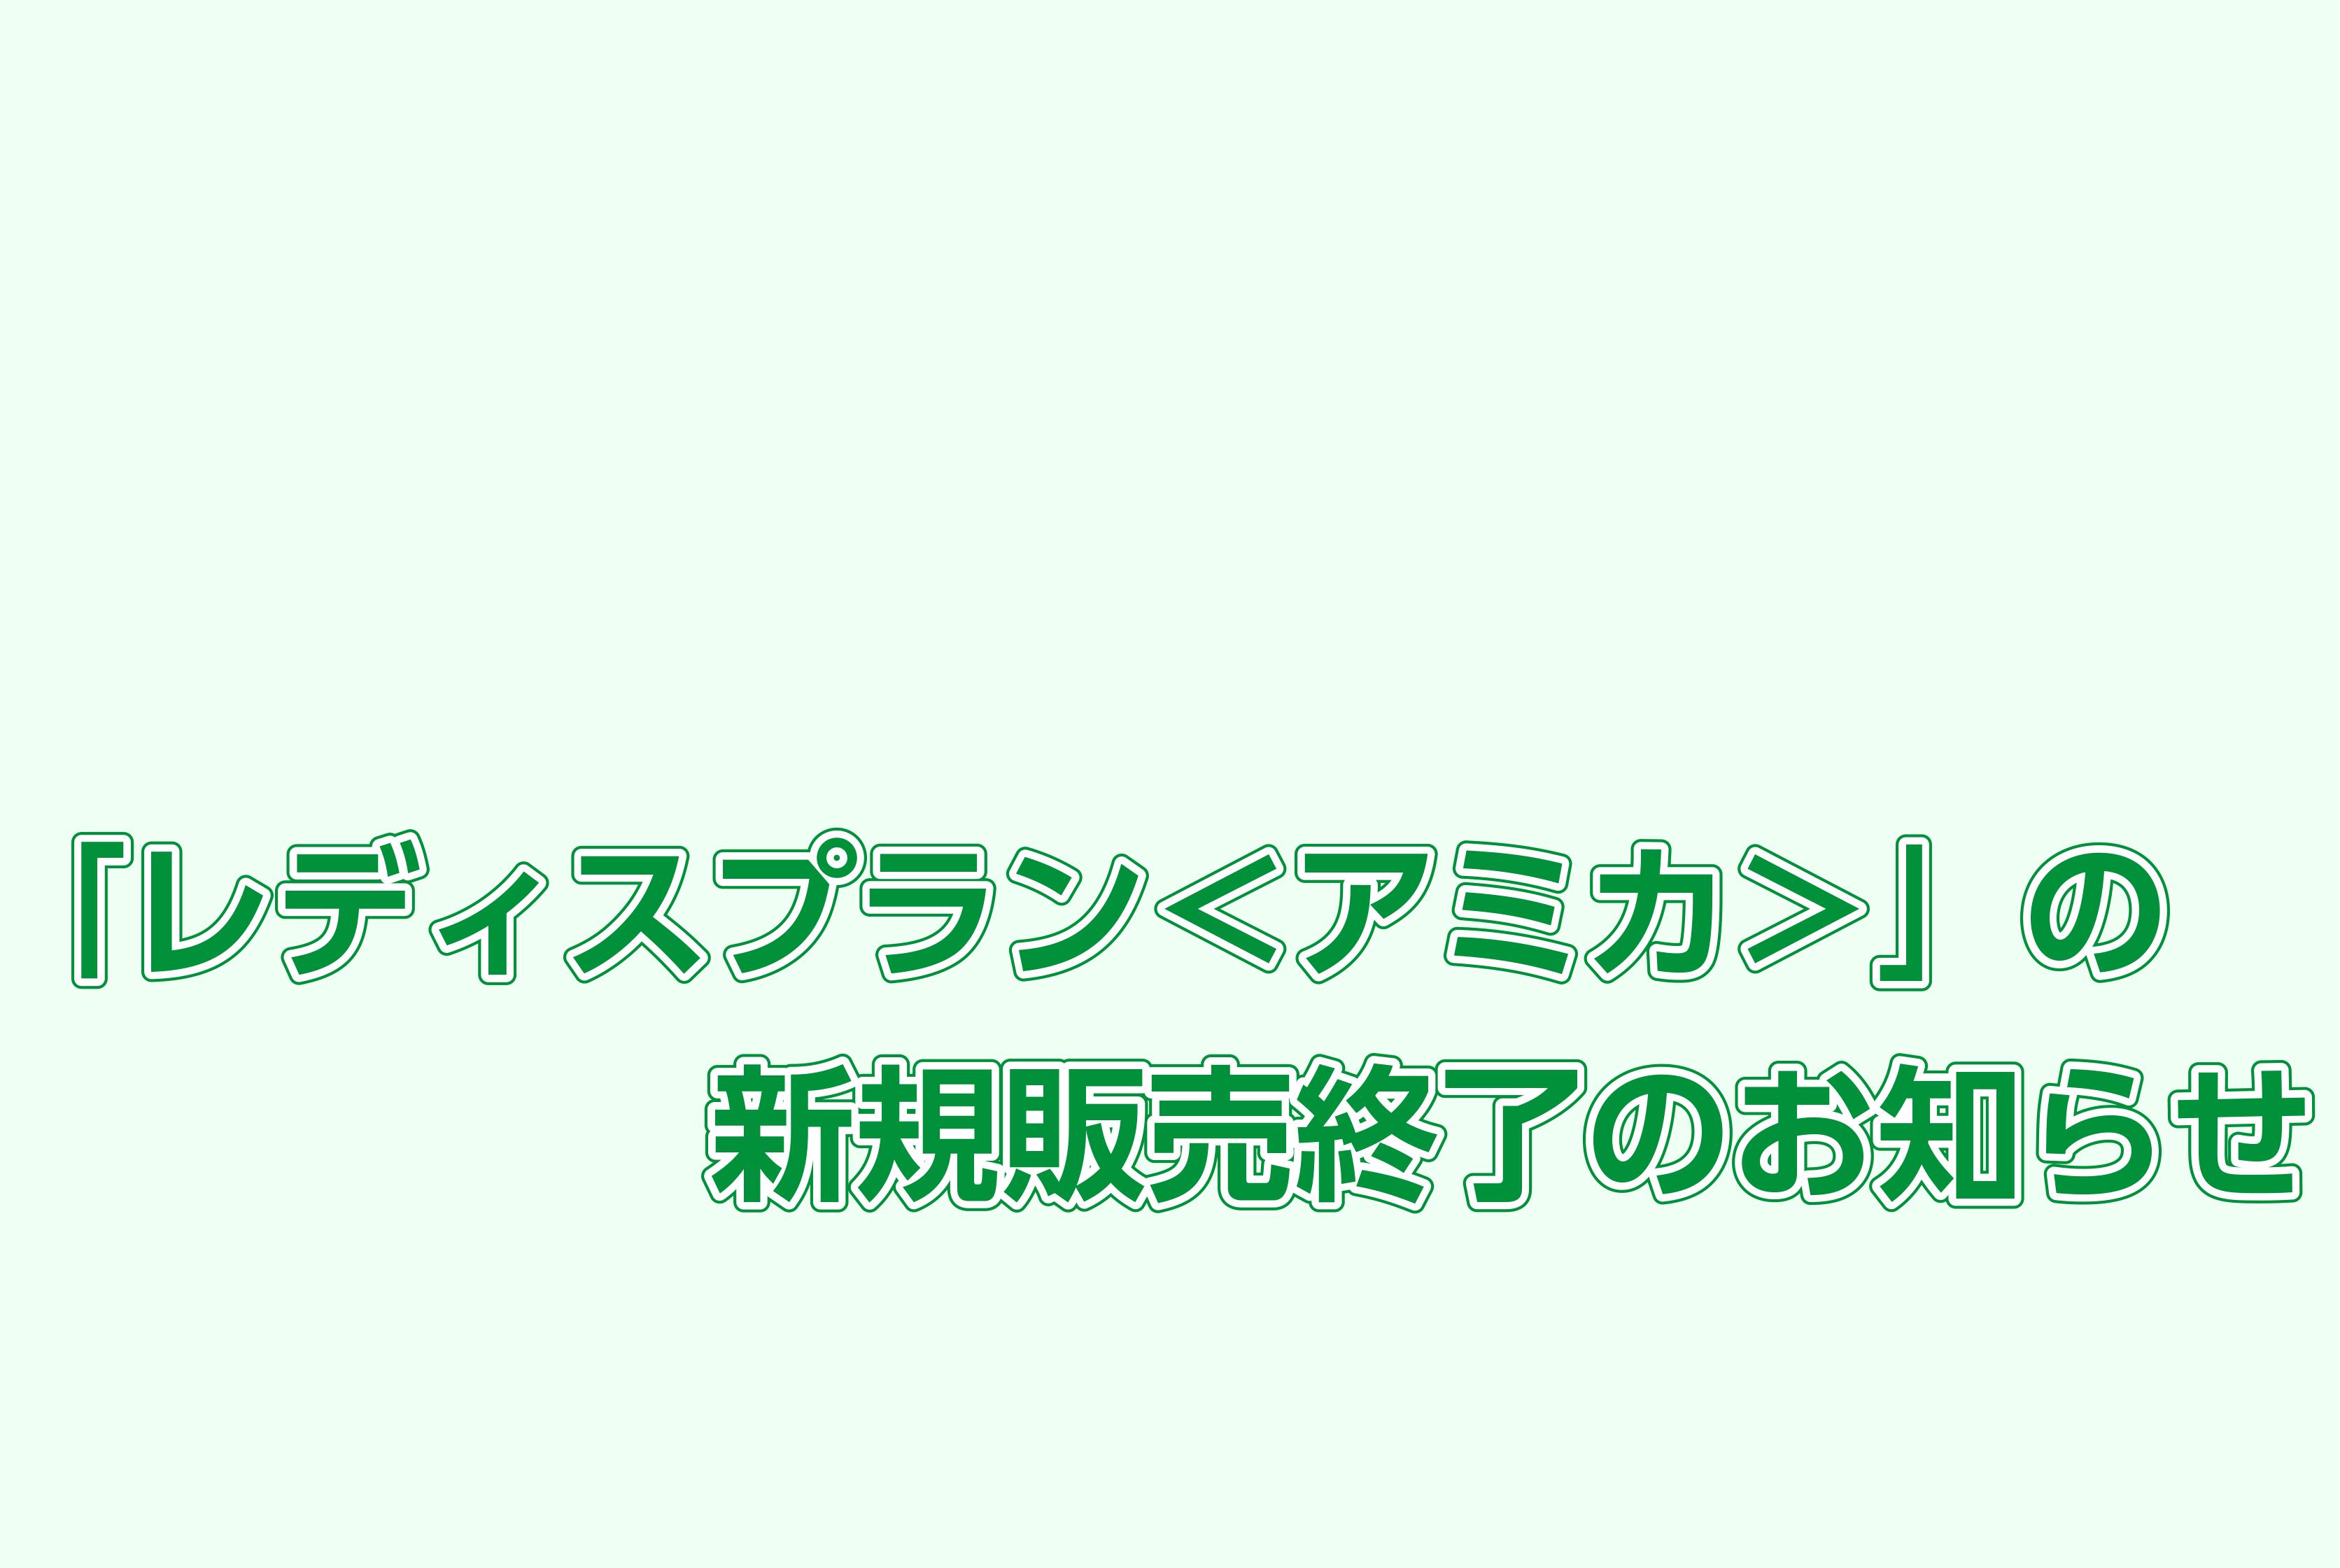 「レディスプラン<アミカ>」の新規販売終了のお知らせ